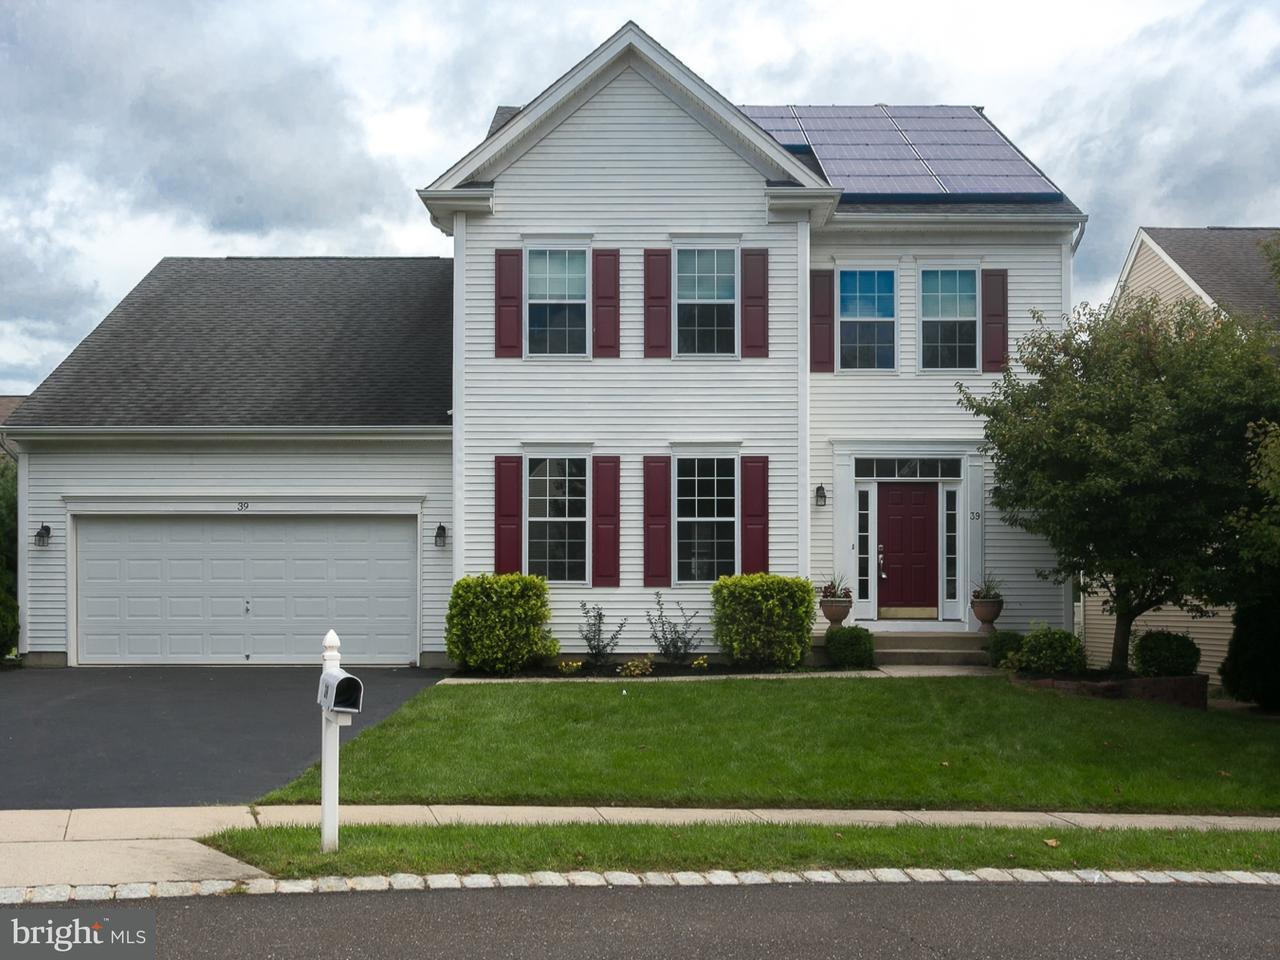 단독 가정 주택 용 매매 에 39 SAGAMORE Lane Bordentown, 뉴저지 08505 미국